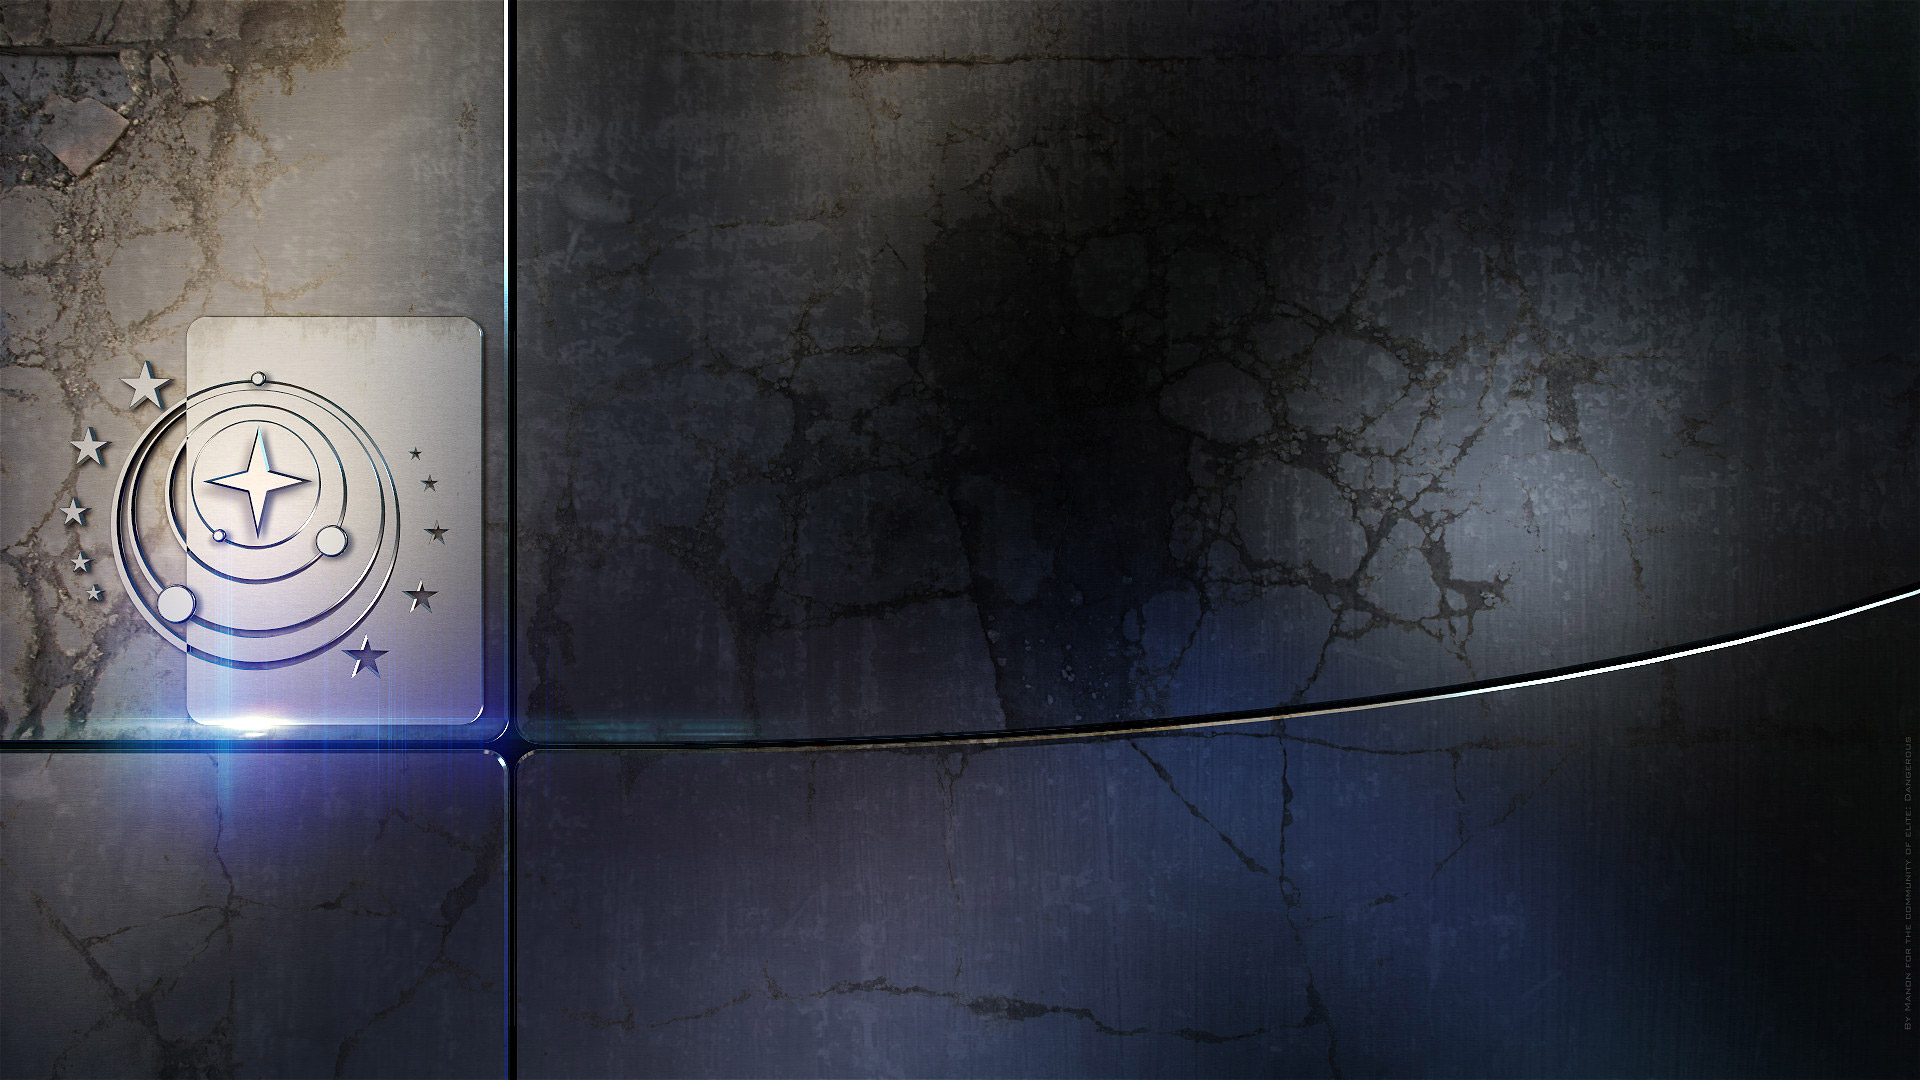 Free Elite: Dangerous Wallpaper in 1920x1080